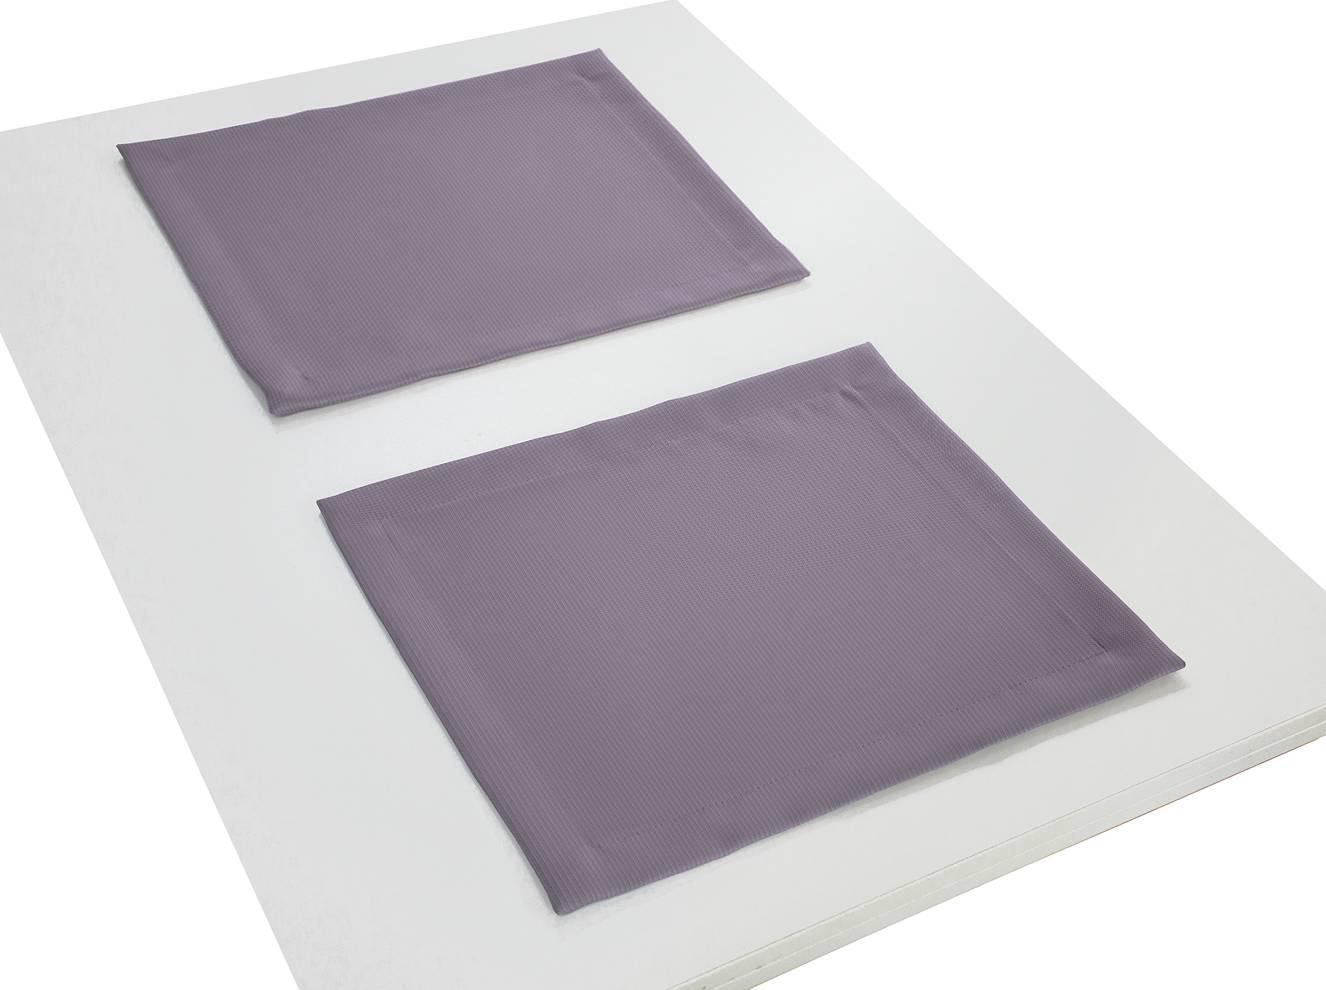 Uni Collection light (Tischset)